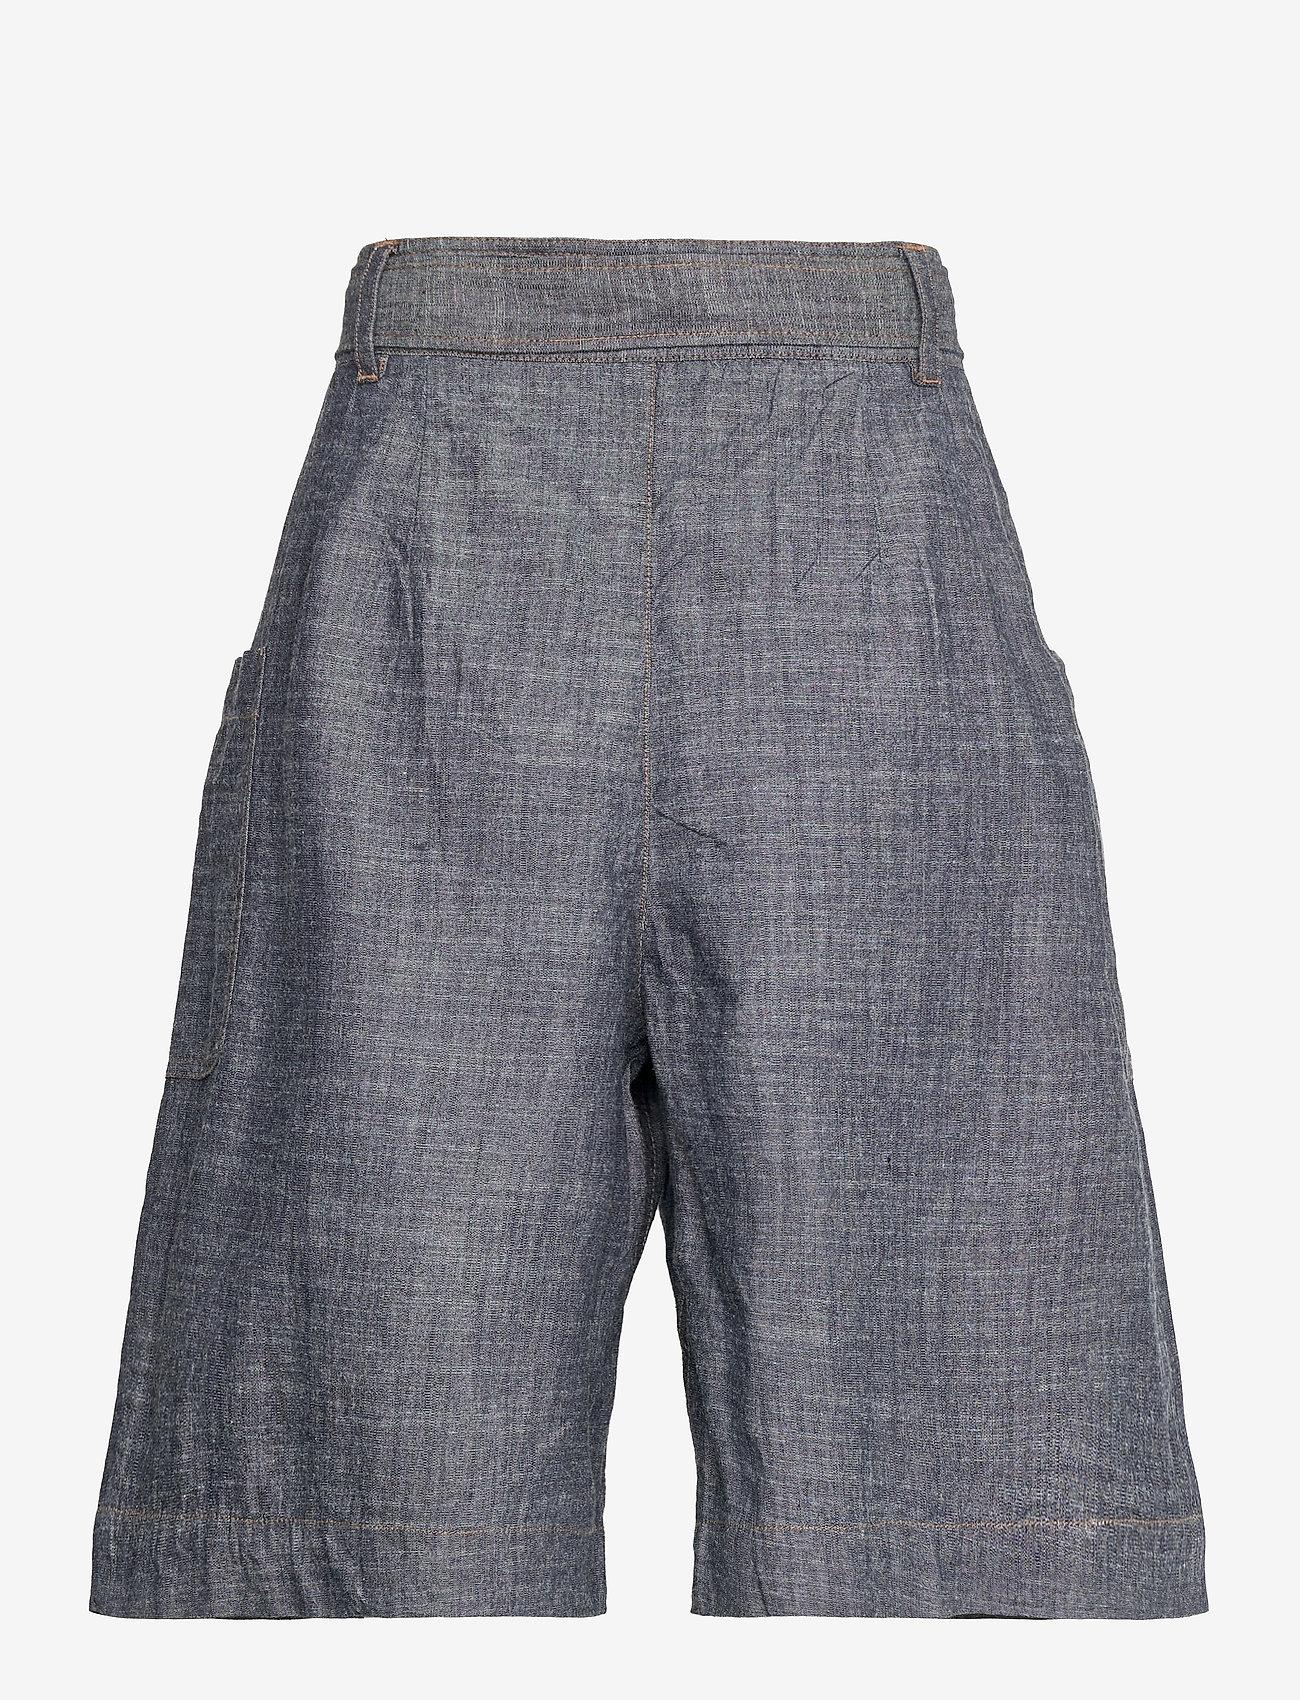 Noa Noa - Shorts - bermudas - denim dark blue - 1